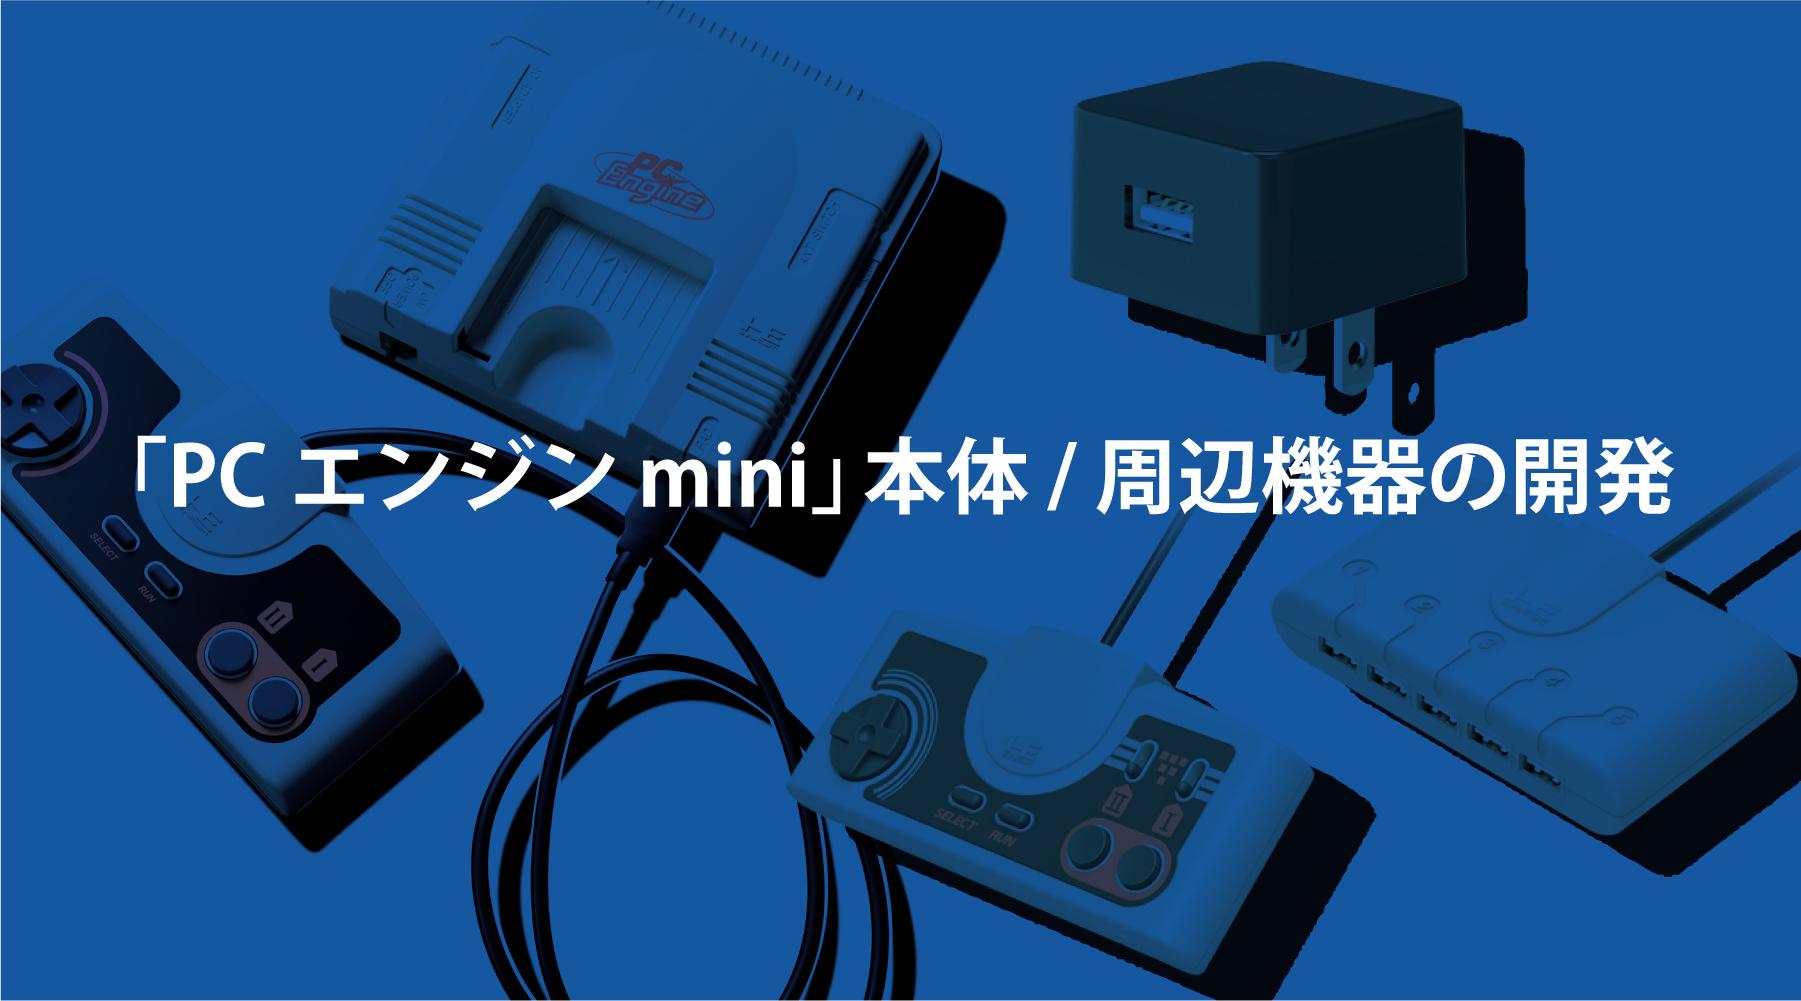 弊社はこの度「PCエンジン mini」本体のハードウェア・周辺機器の開発製造を担当致しました。